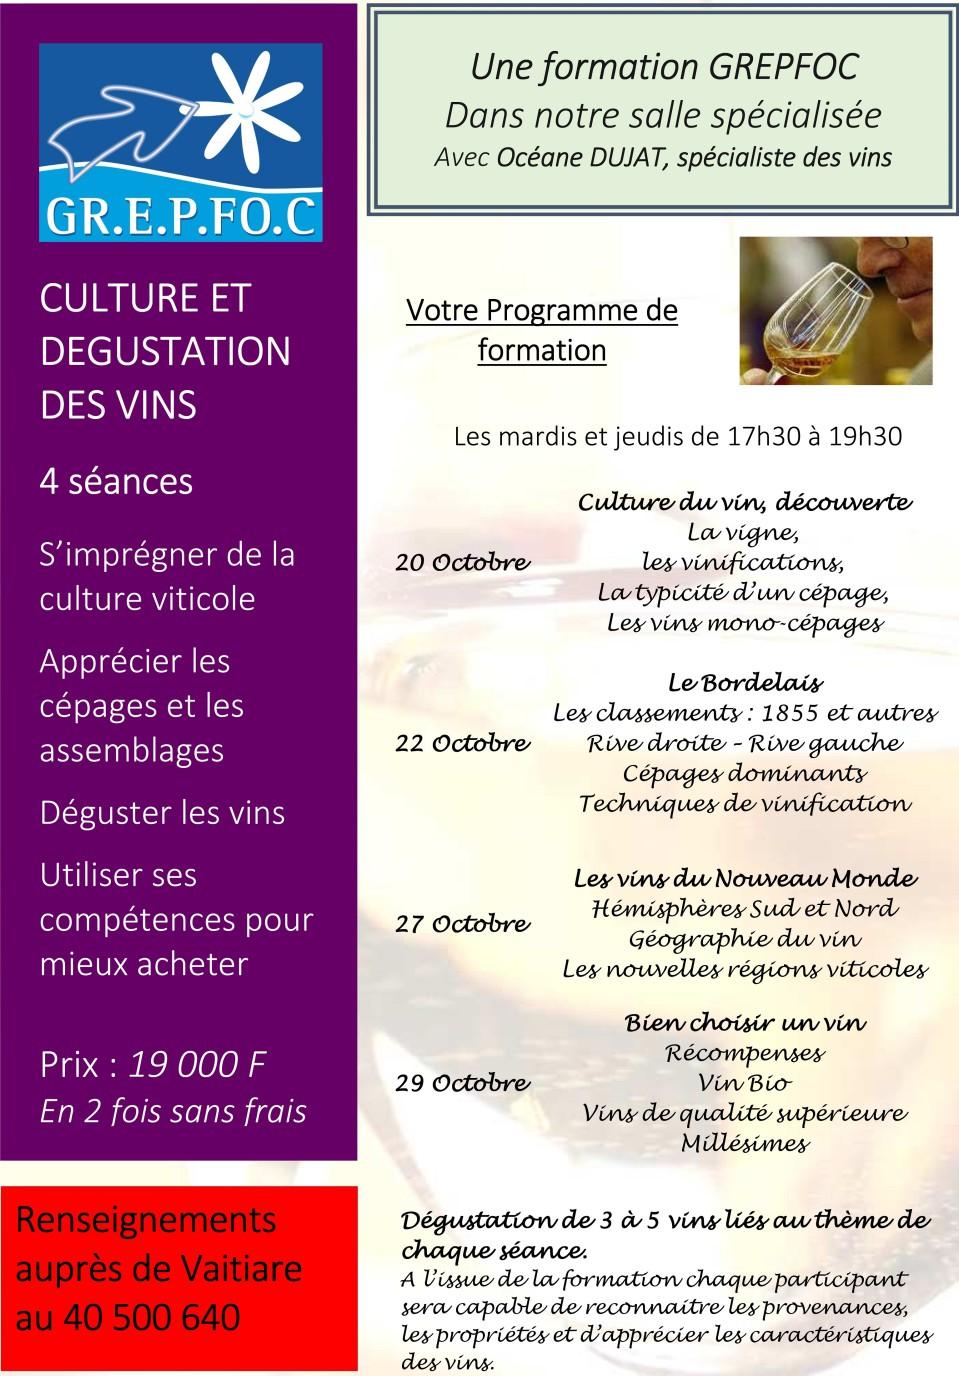 Culture et d gustation des vins - Brevet professionnel cuisine ...